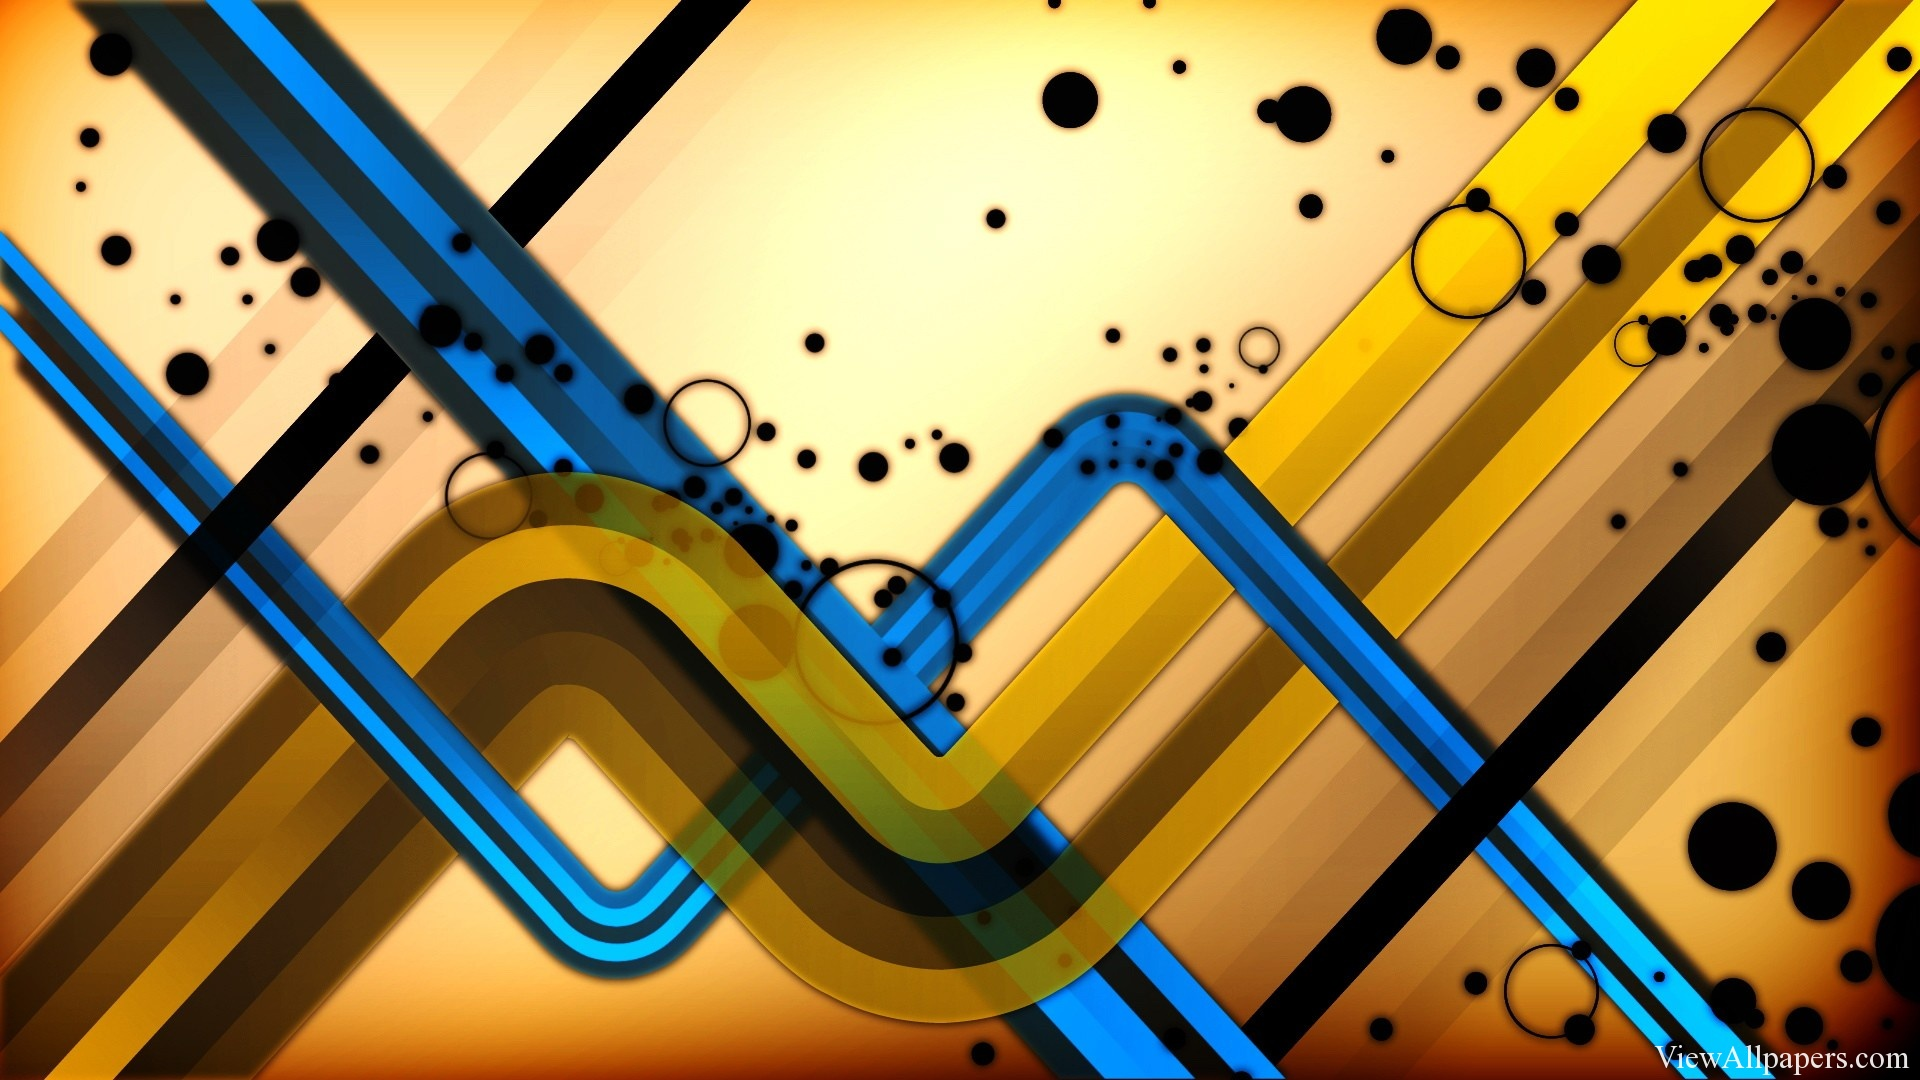 Abstract Design 3d Desktop Hd Wallpaper